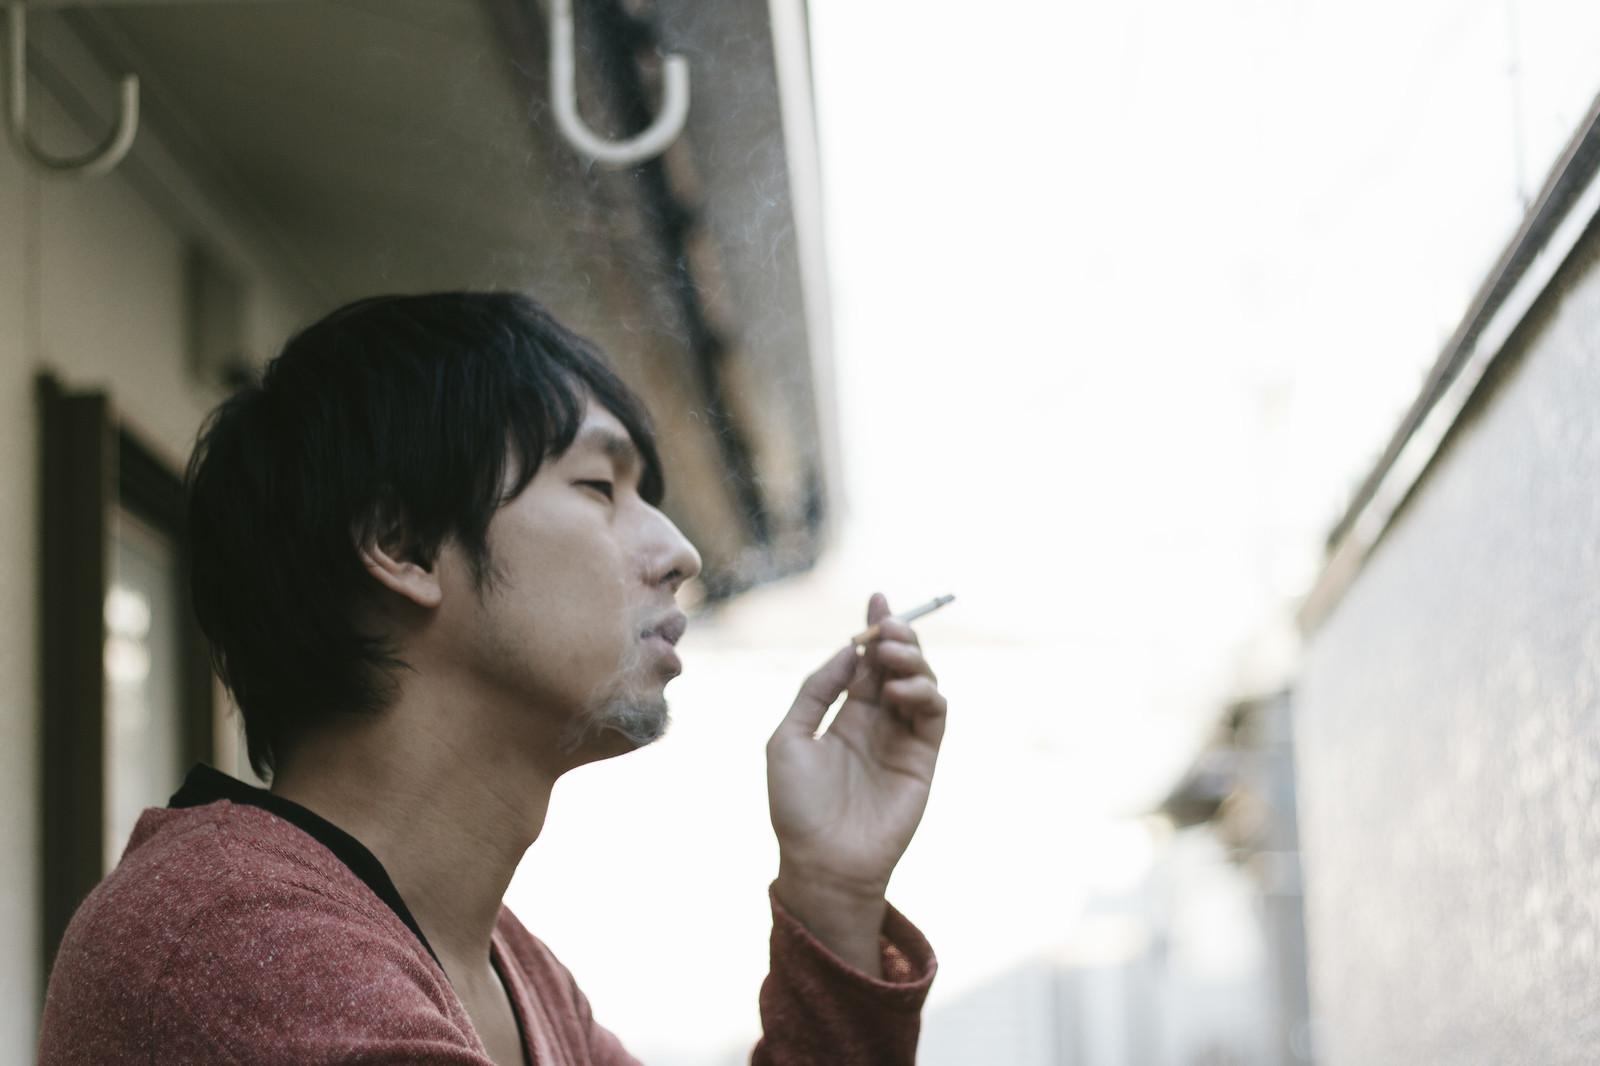 大宮駅の喫煙所はどこにある?喫煙できる周辺の施設も徹底調査!